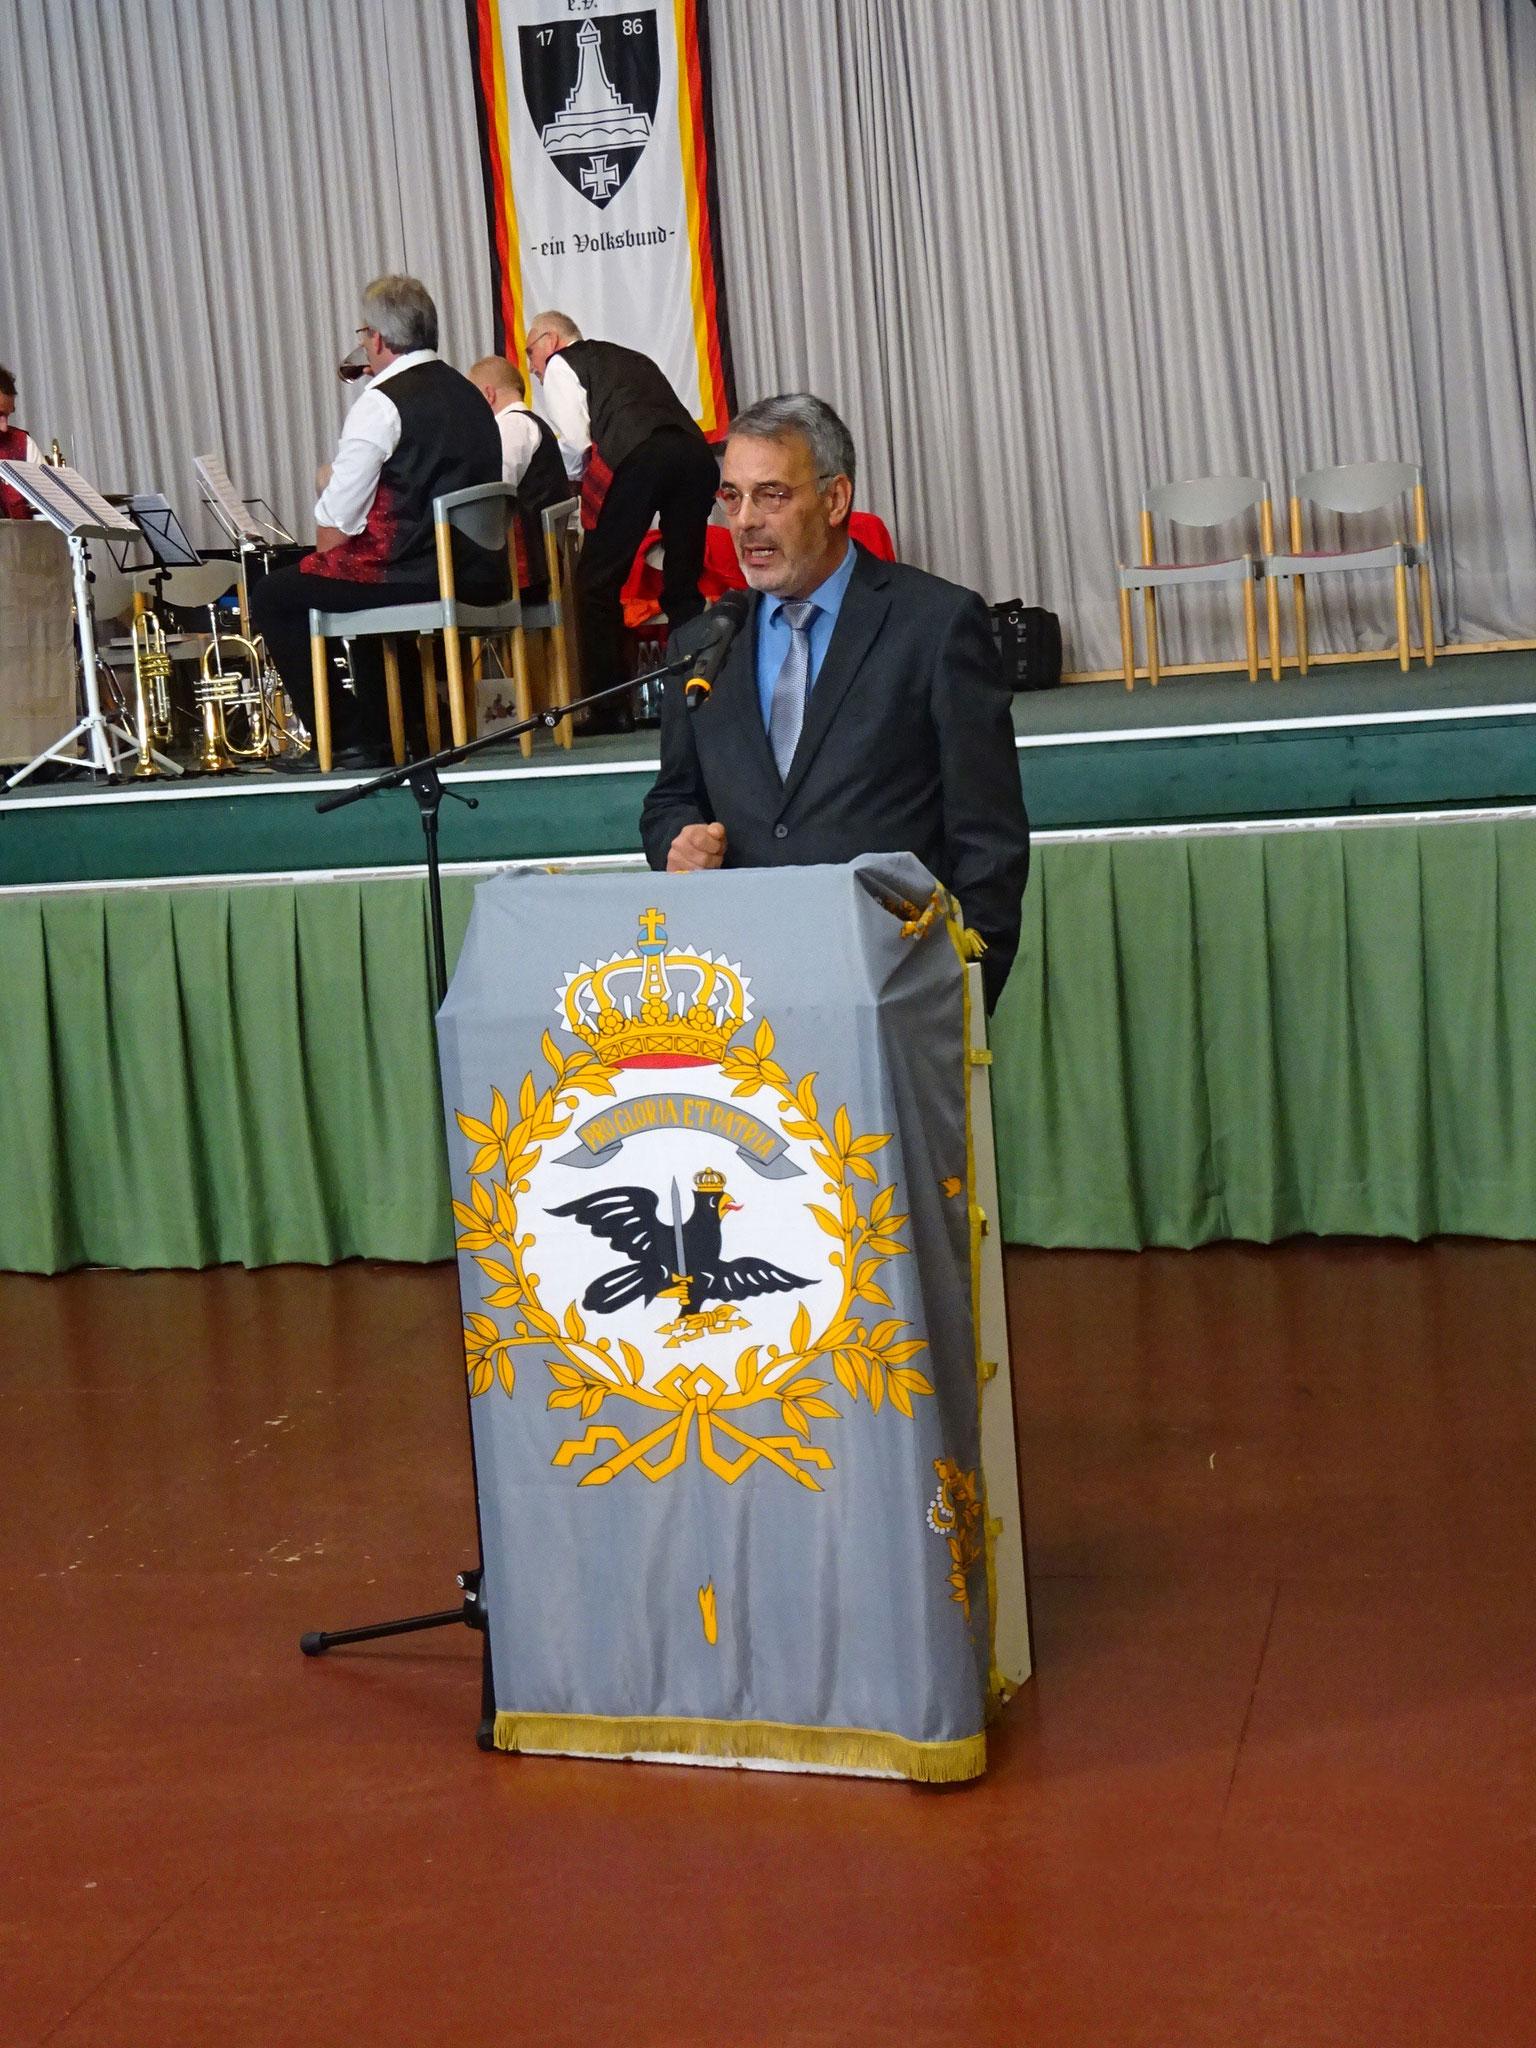 Grußwort vom MdL Niedersachsen Gerd Hujahn.